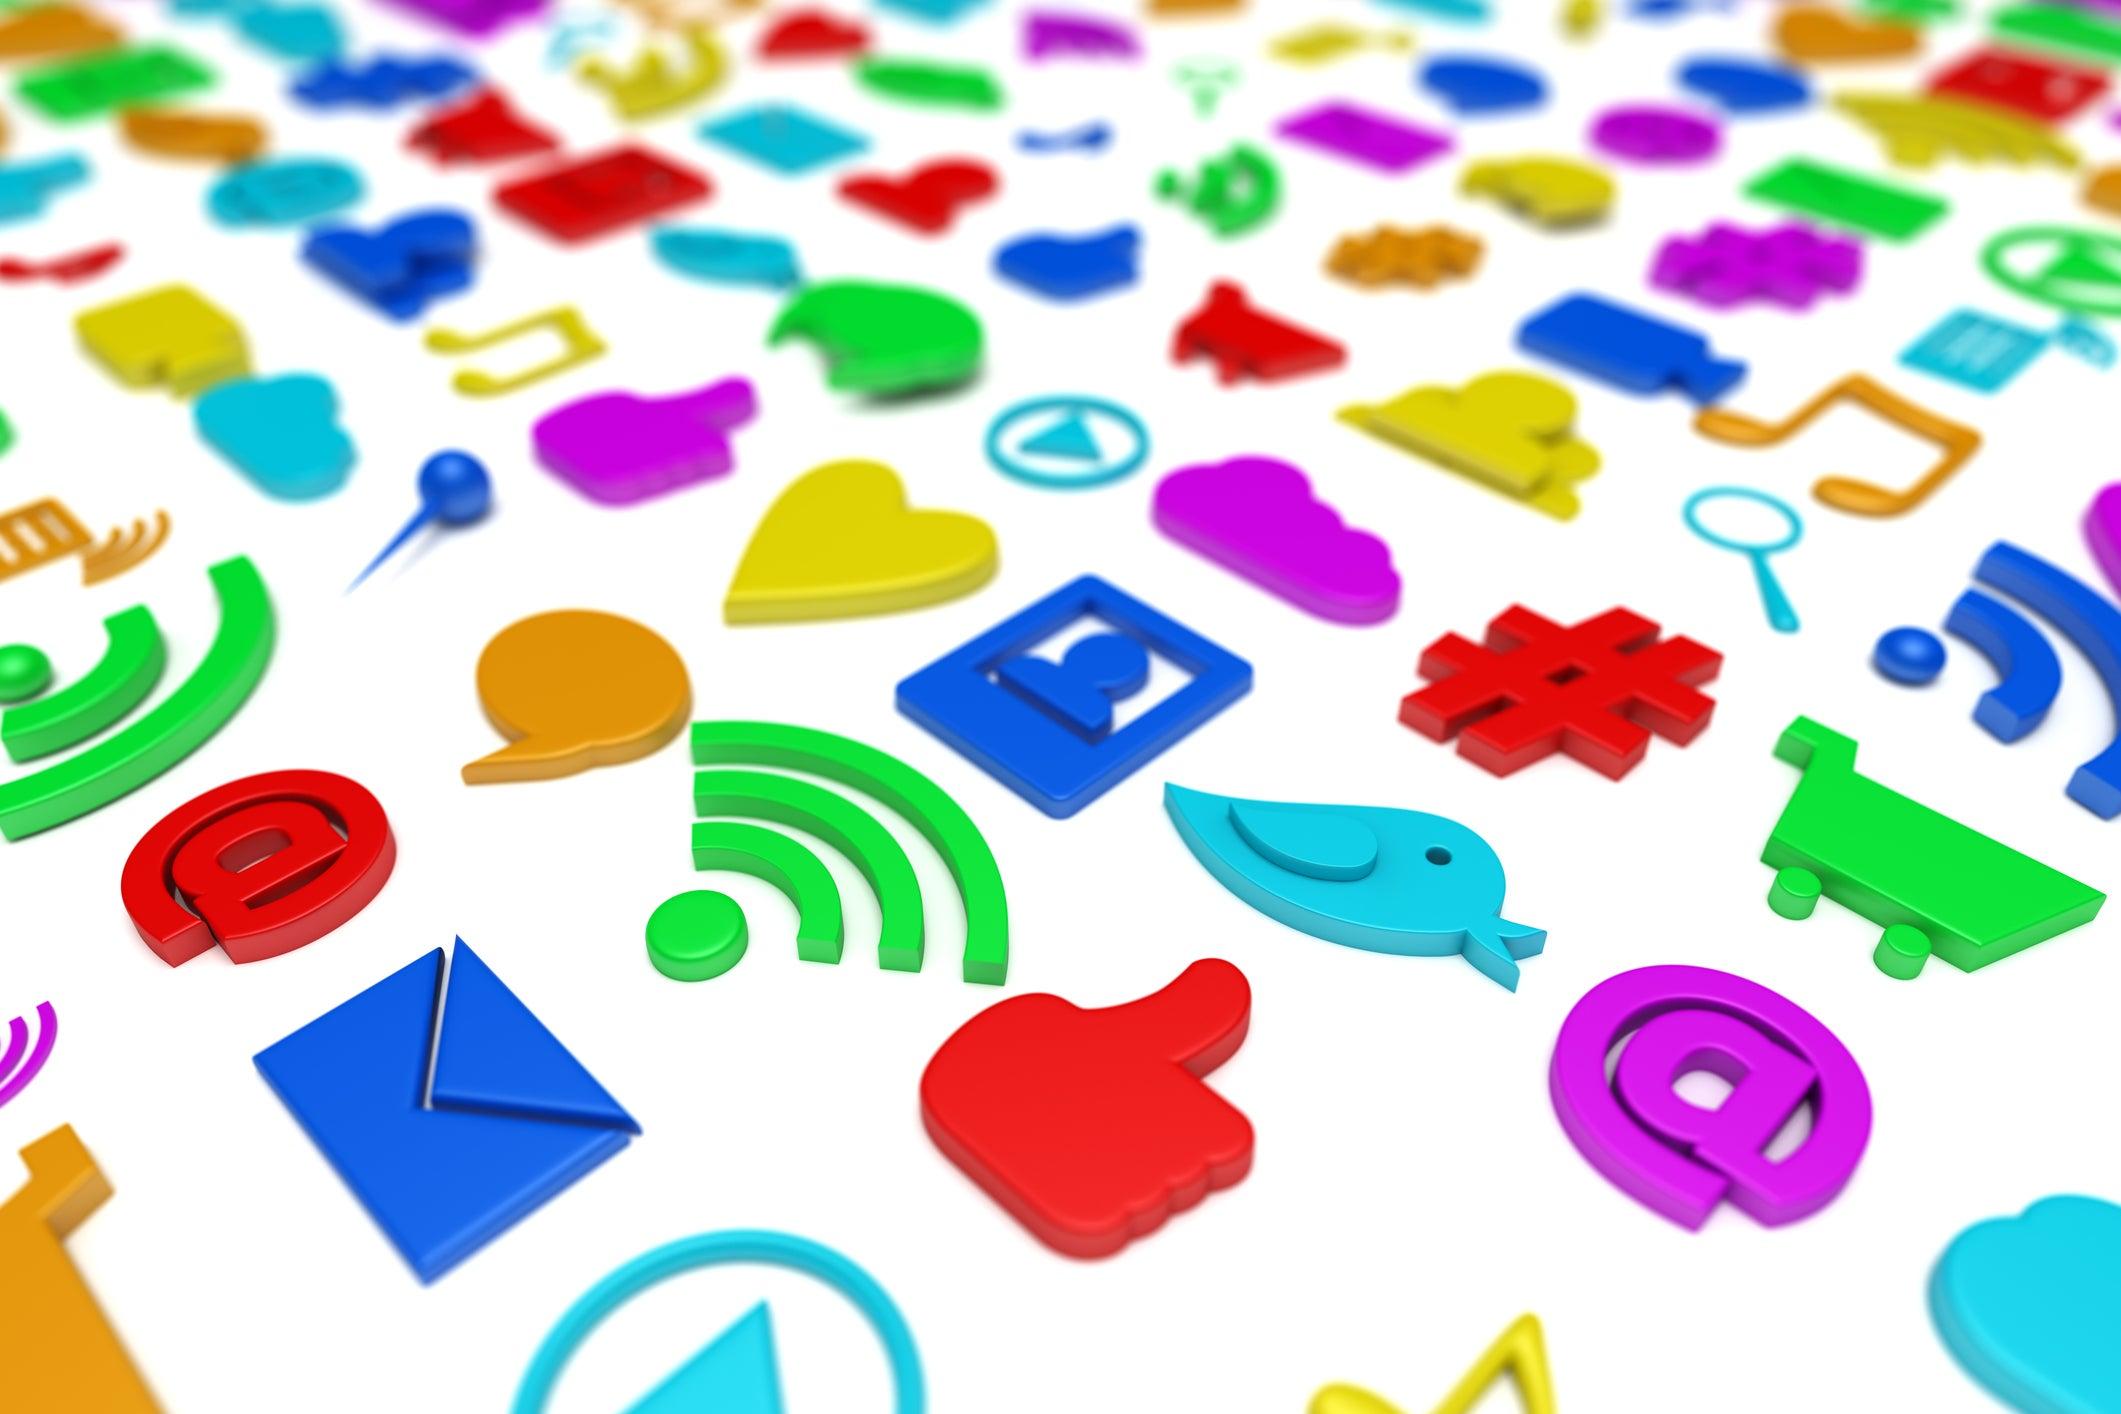 التواصل الاجتماعي مصادر غير موثوقة للبحث العلمي للع لم